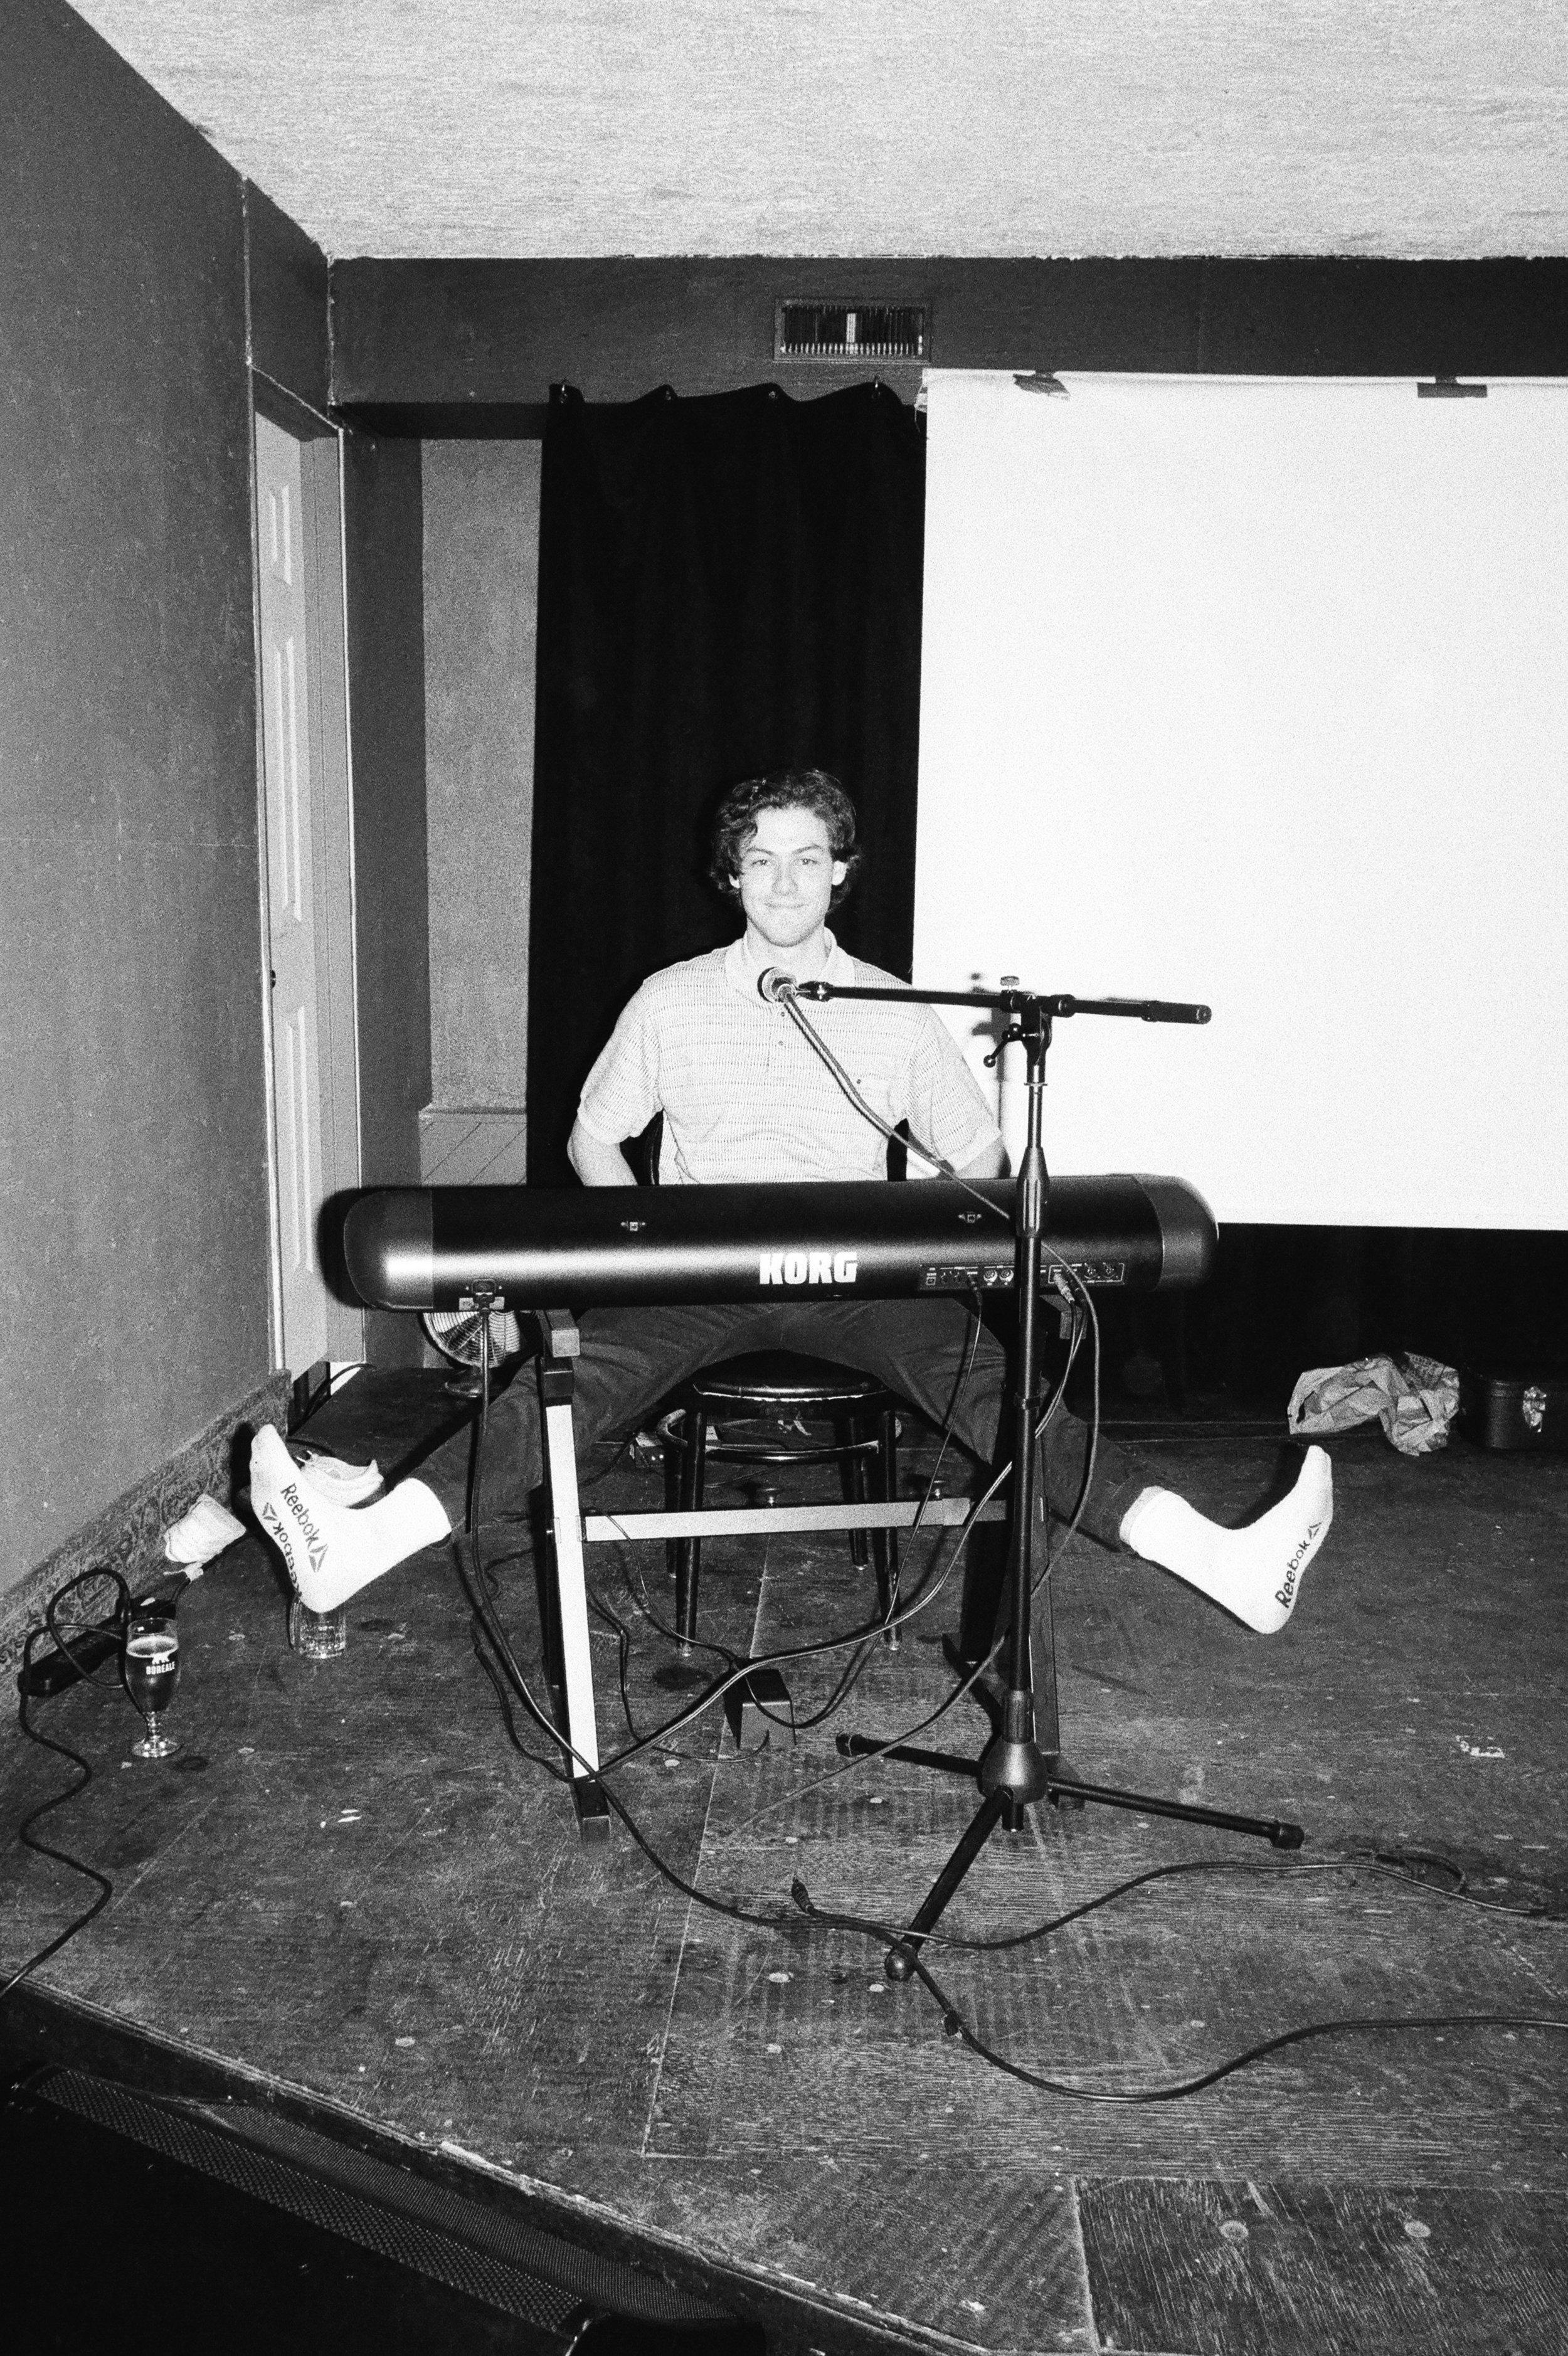 Leica-02-15.jpg